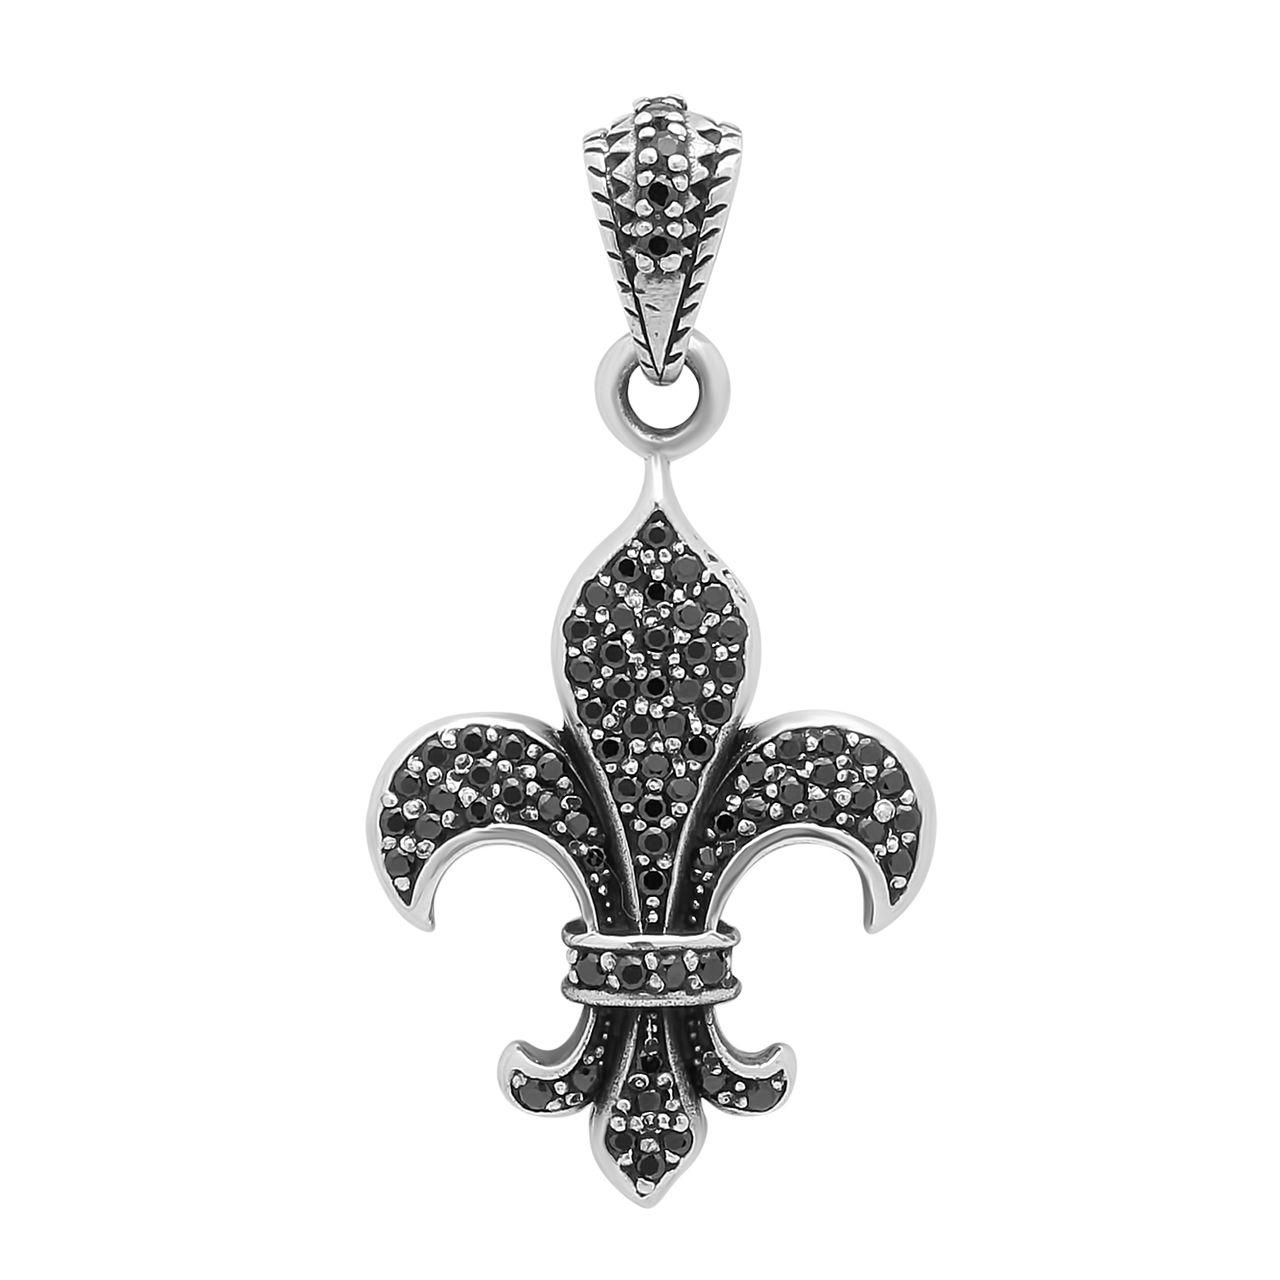 Polished .925 Sterling Silver 26.5mm Fleur-de-Lis Cubic Zirconia Pendant